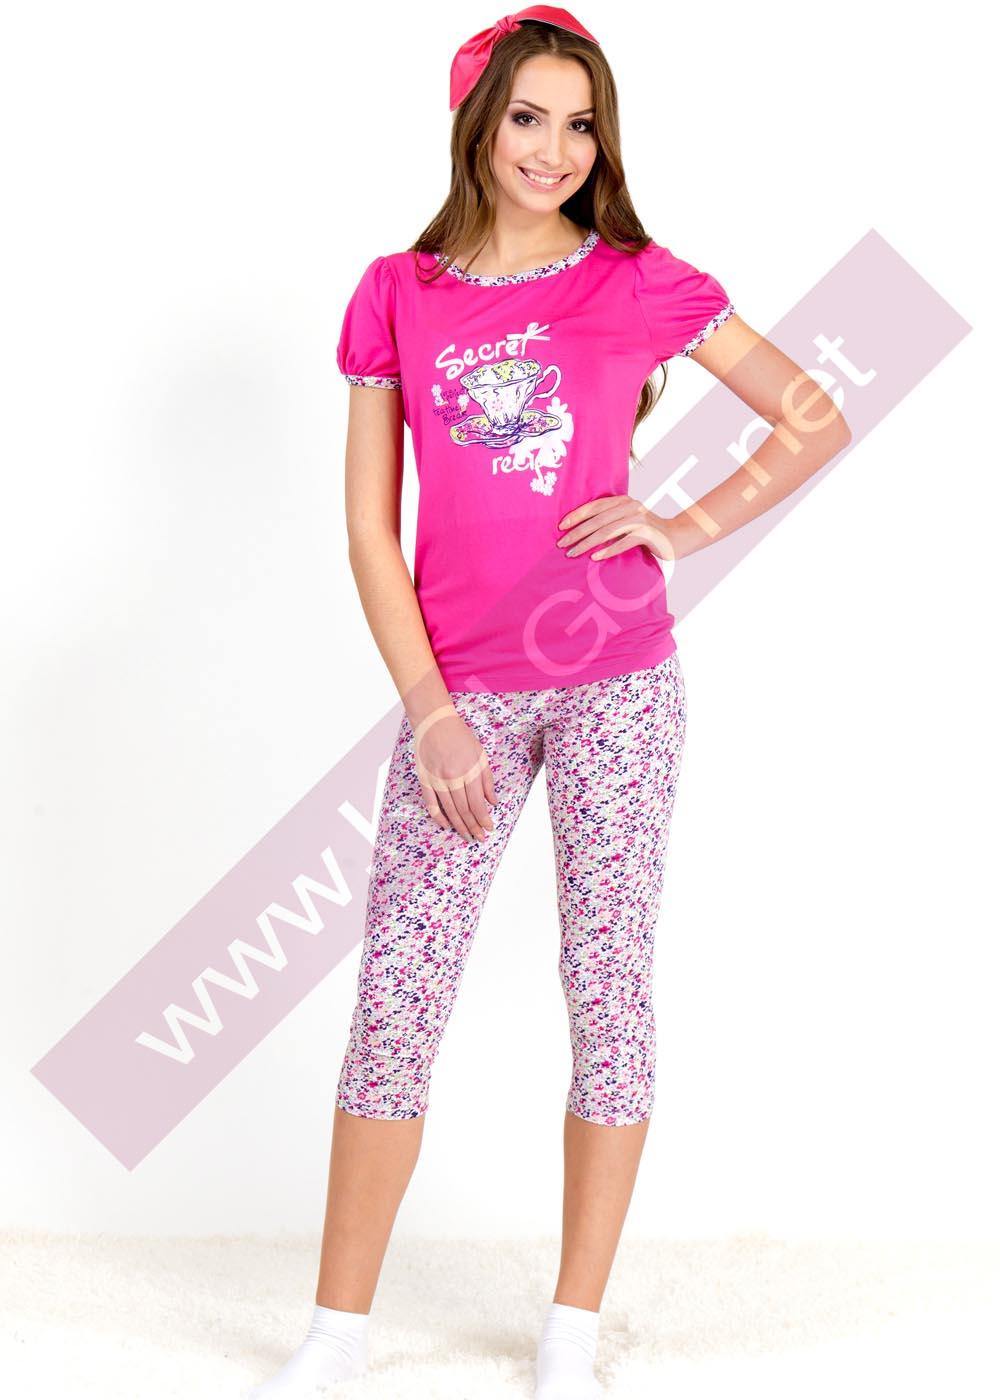 Домашняя одежда Домашний комплект джемпер + бриджи Top Secret 01309П<span style='color:#ff0000;'>Распродано</span>